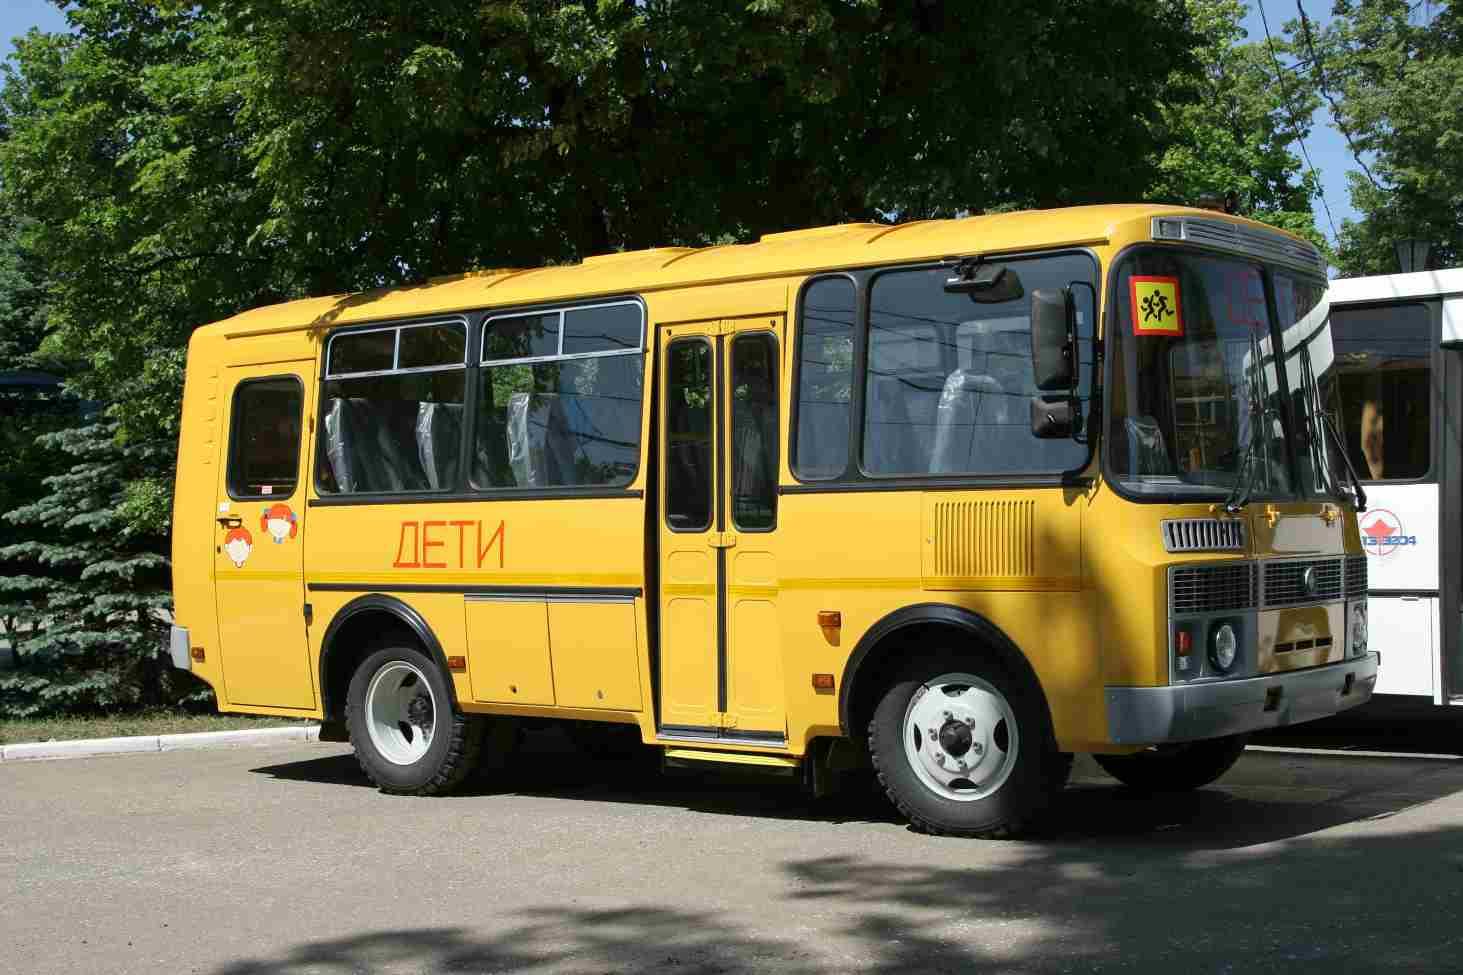 pravitelstvo-ustanovilo-novye-trebovaniya-k-organizatsii-detskih-avtobusnyh-ekskursij